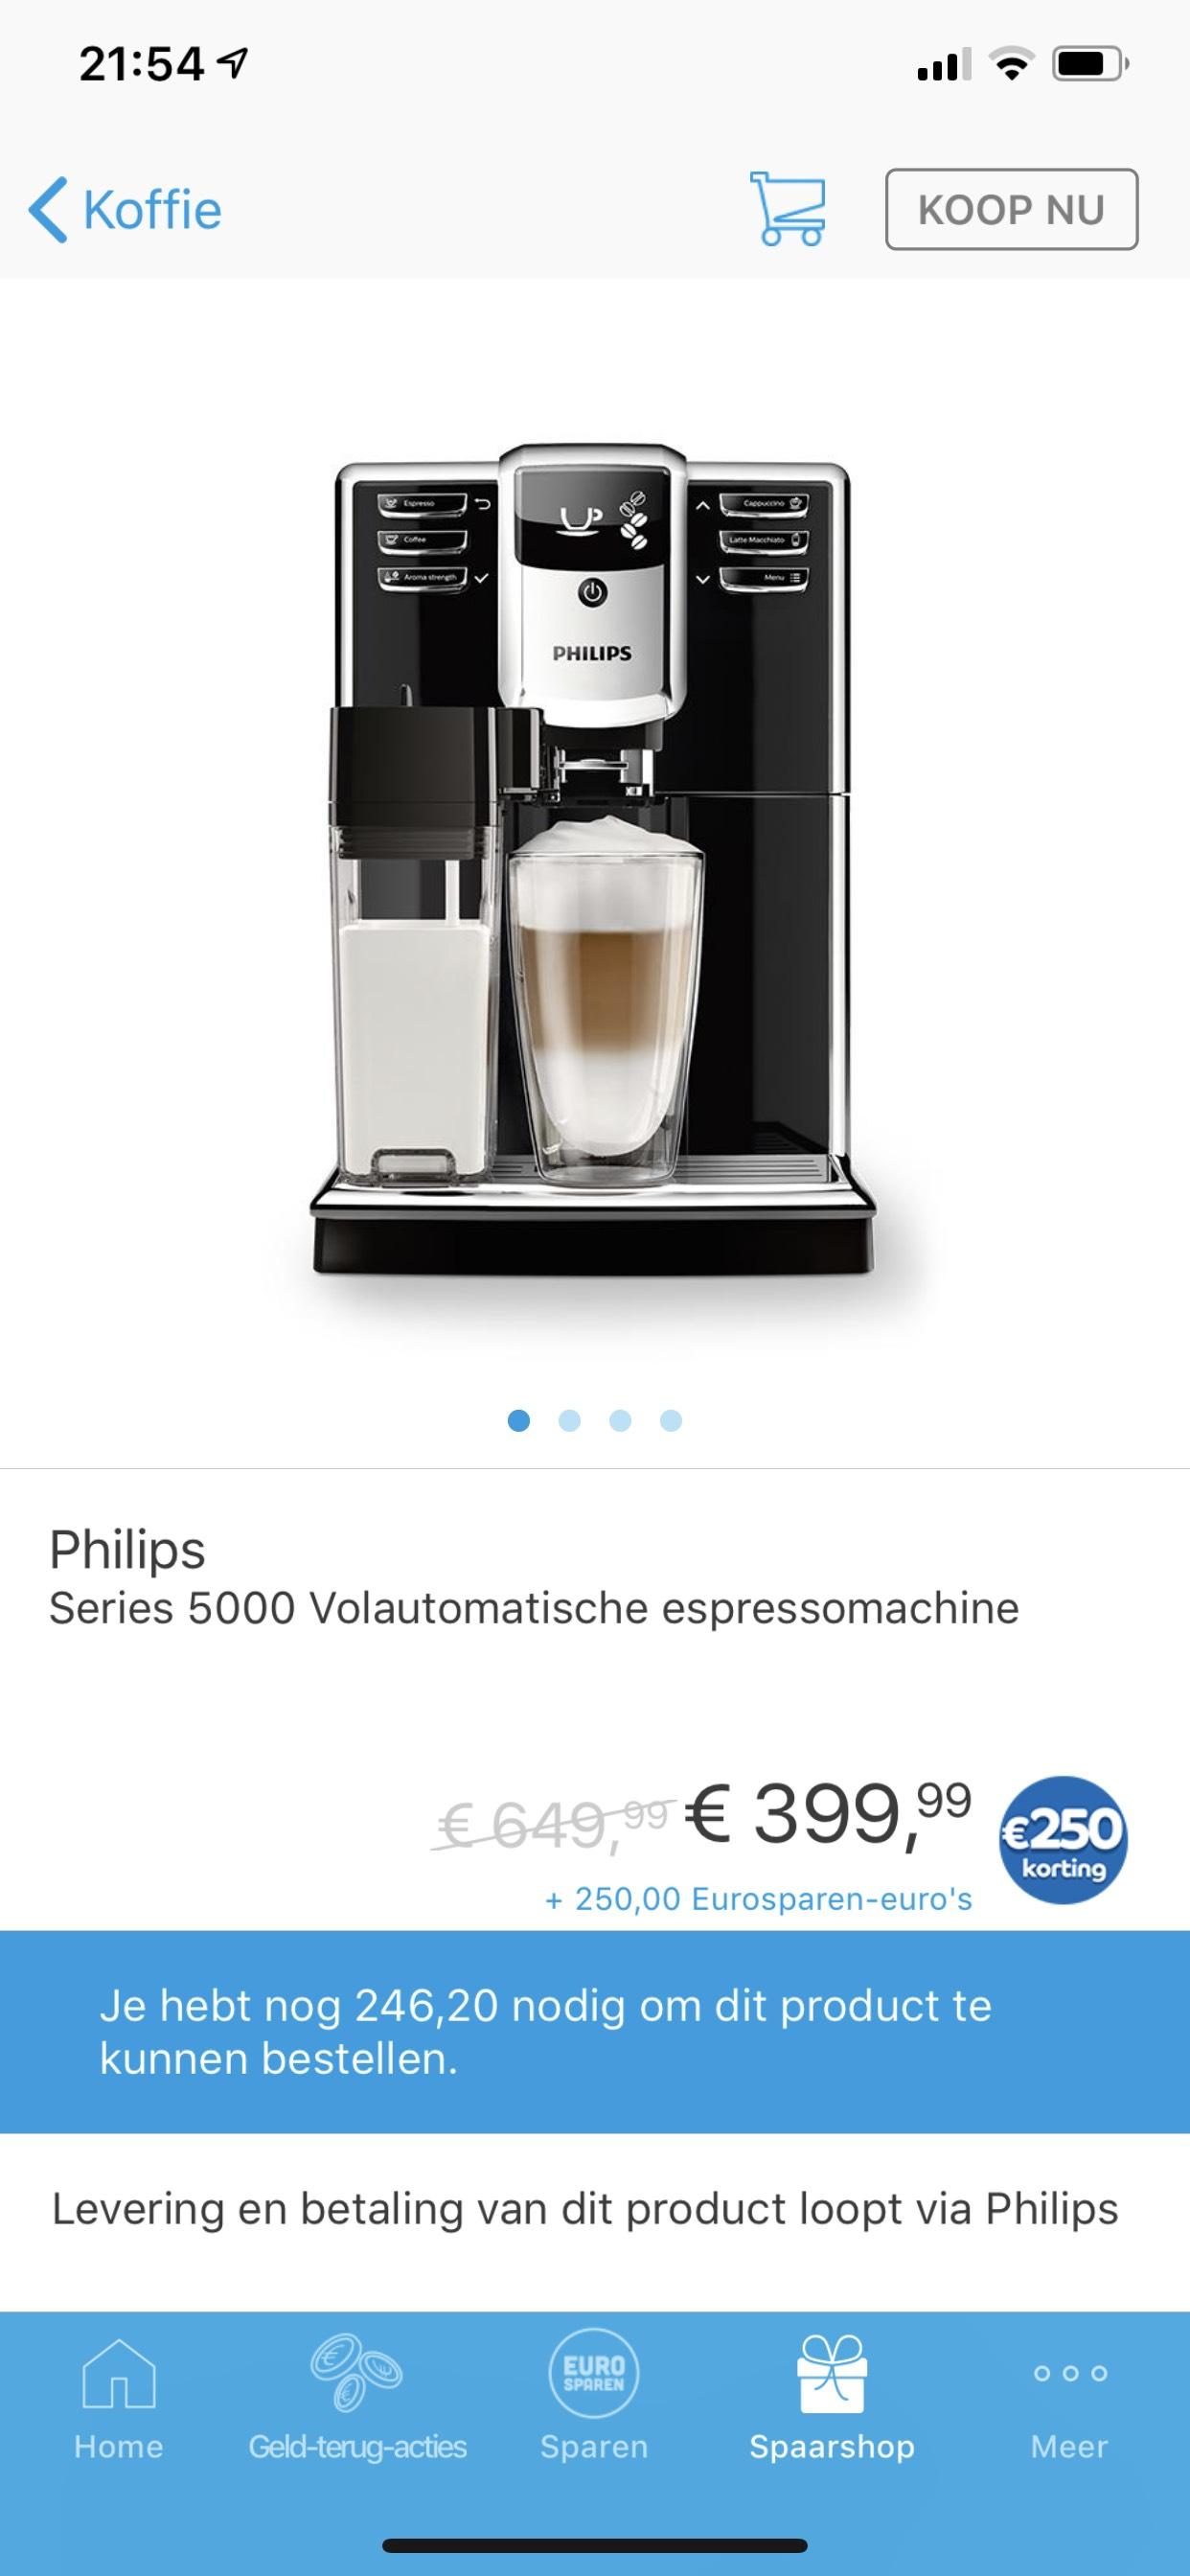 Philips Volautomatische espressomachines 5360/10 nu wel heel goedkoop